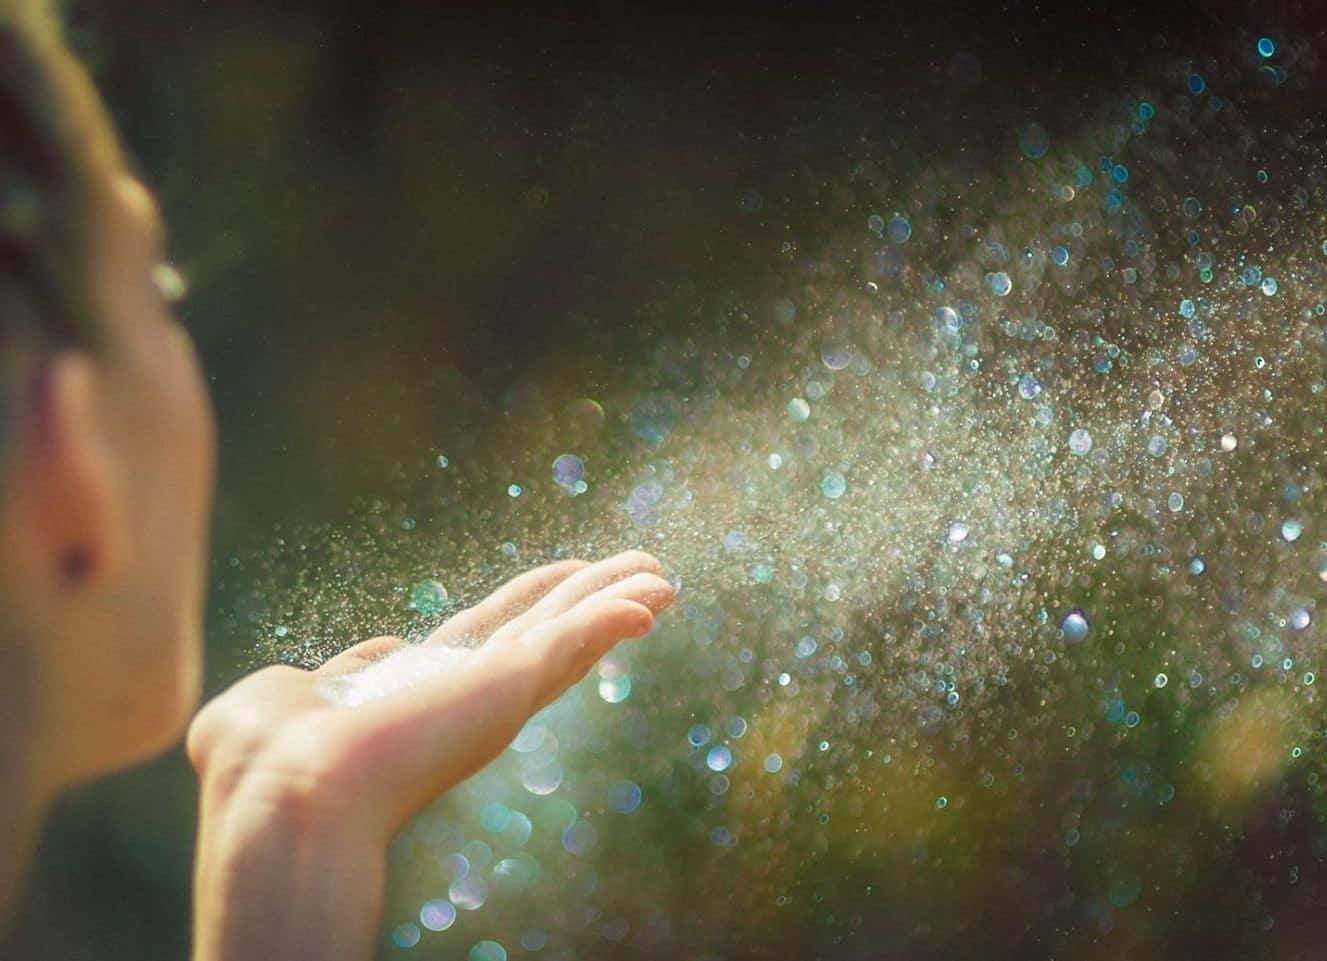 ailleurs, nos vies, nos choix, notre humanité, soigner, rêver, s'envoler, aller mieux